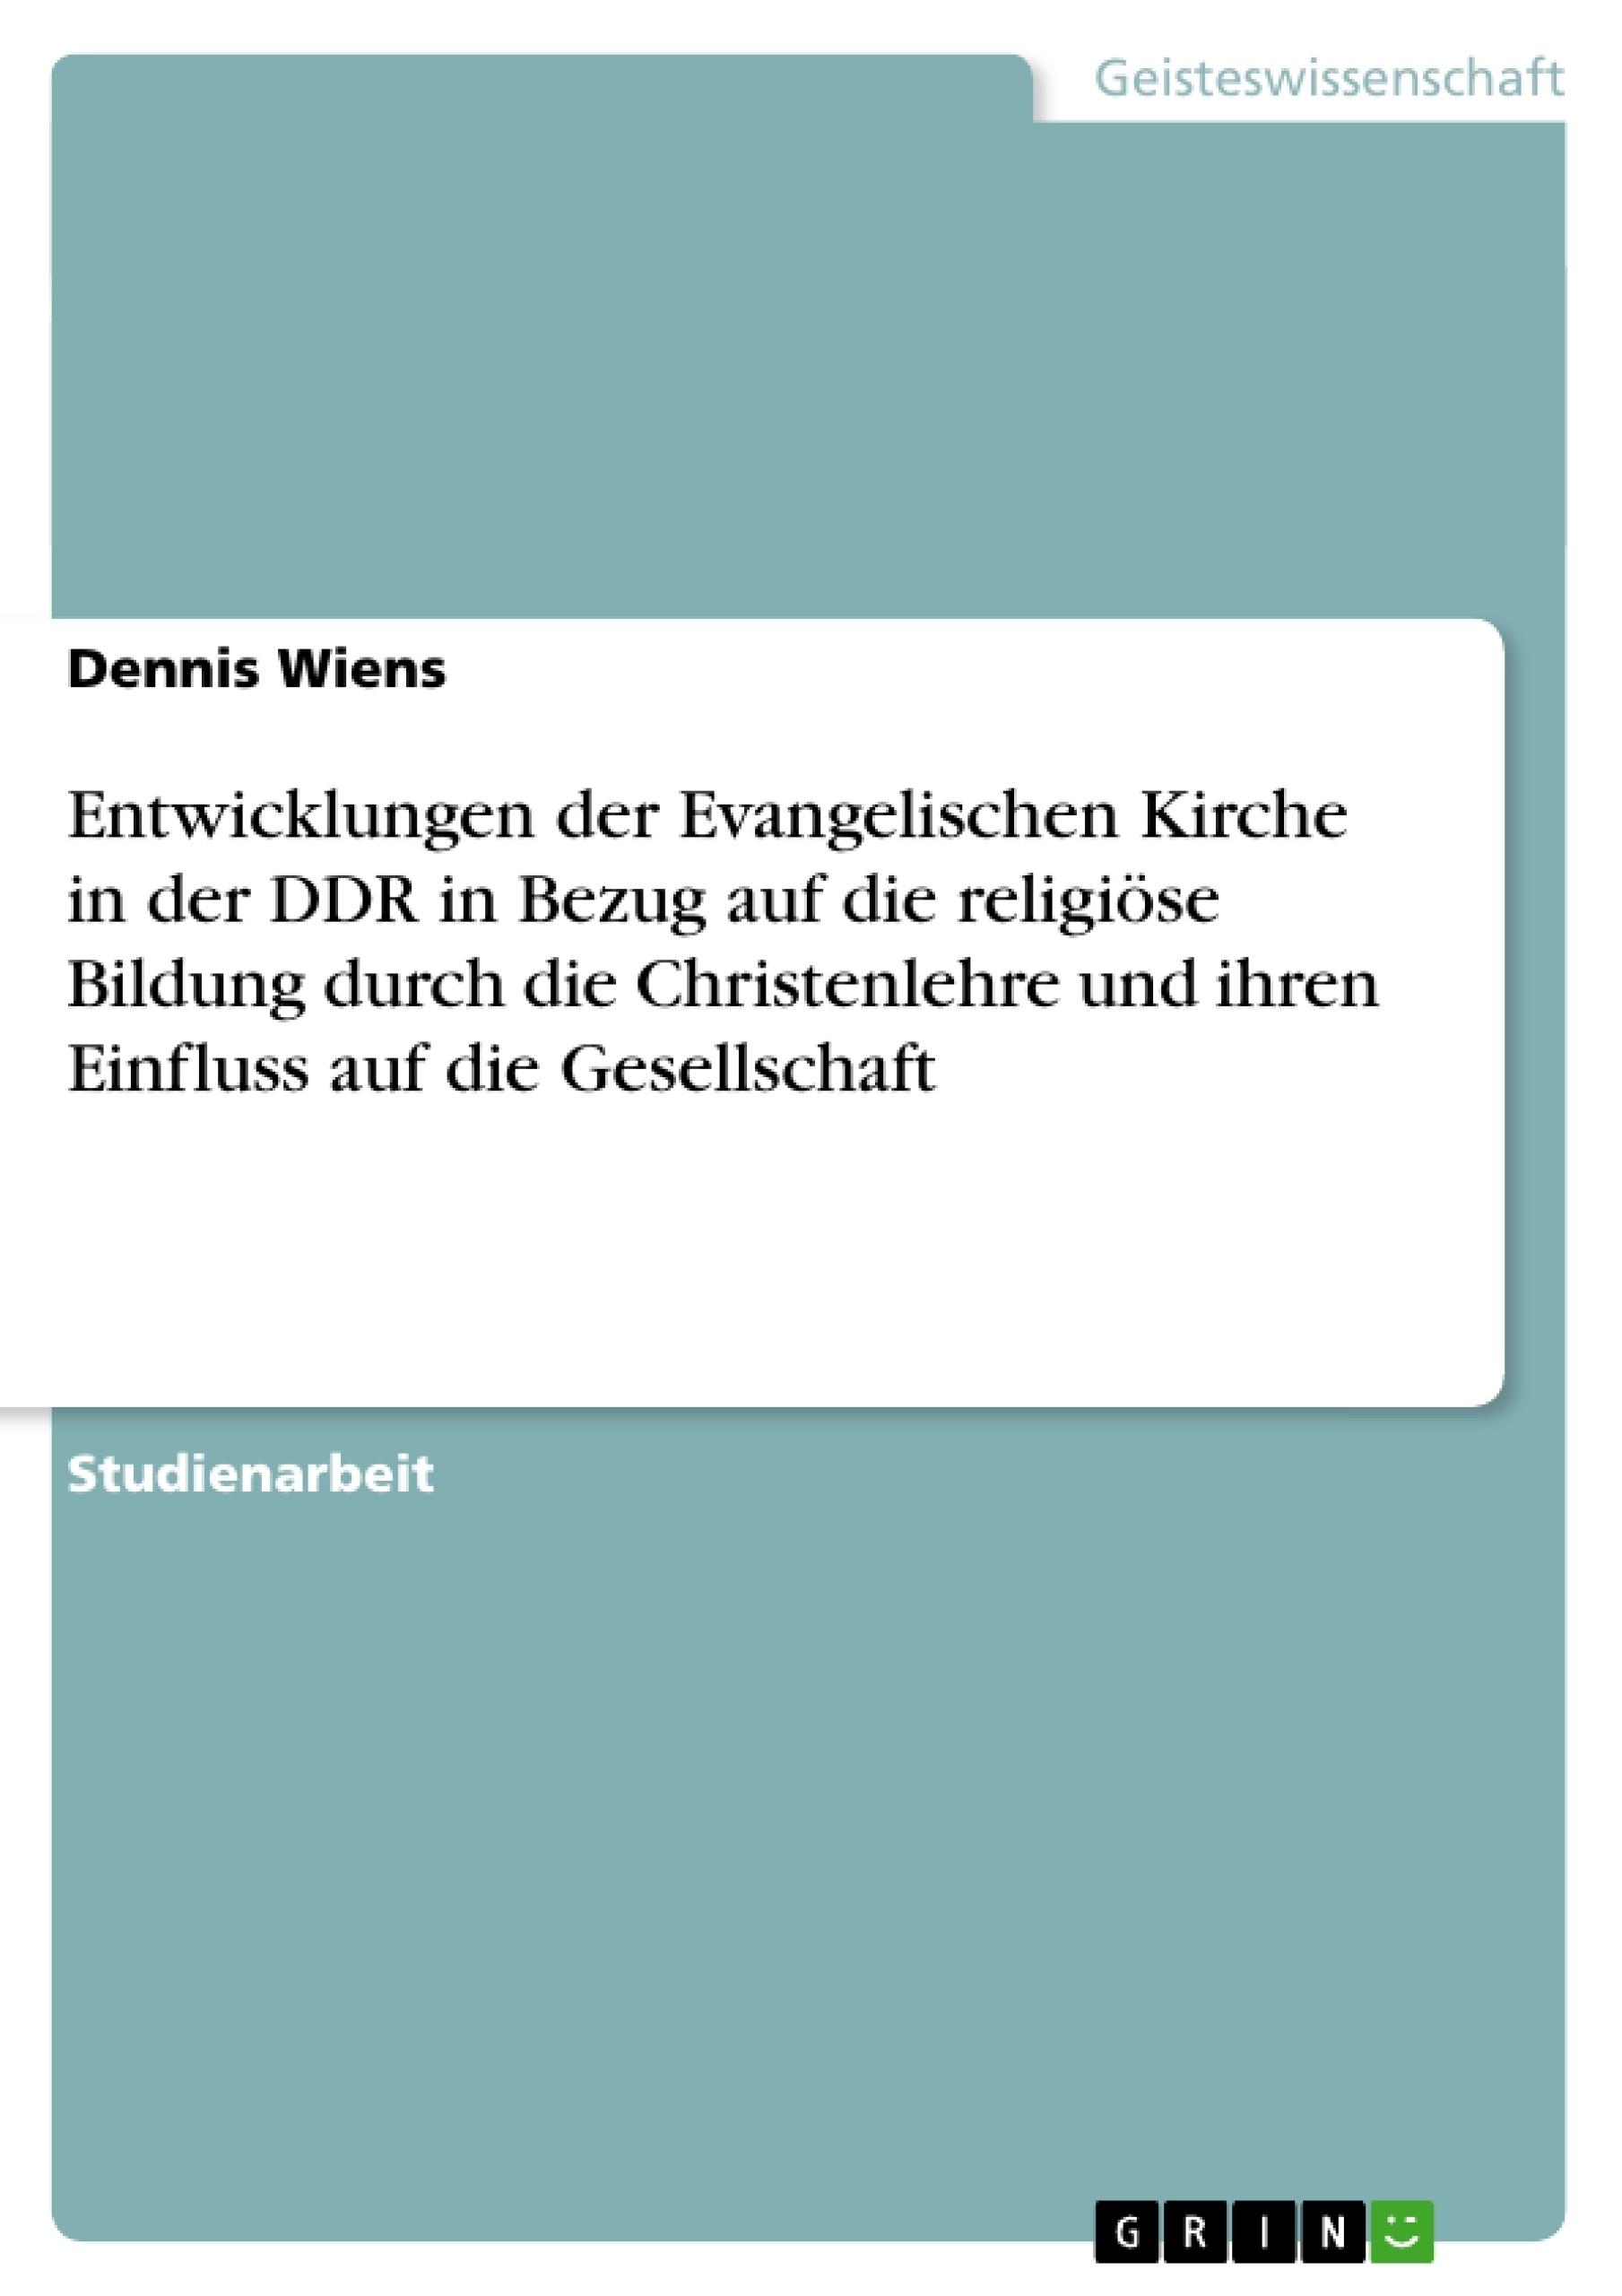 Titel: Entwicklungen der Evangelischen Kirche in der DDR in Bezug auf die religiöse Bildung durch die Christenlehre und ihren Einfluss auf die Gesellschaft